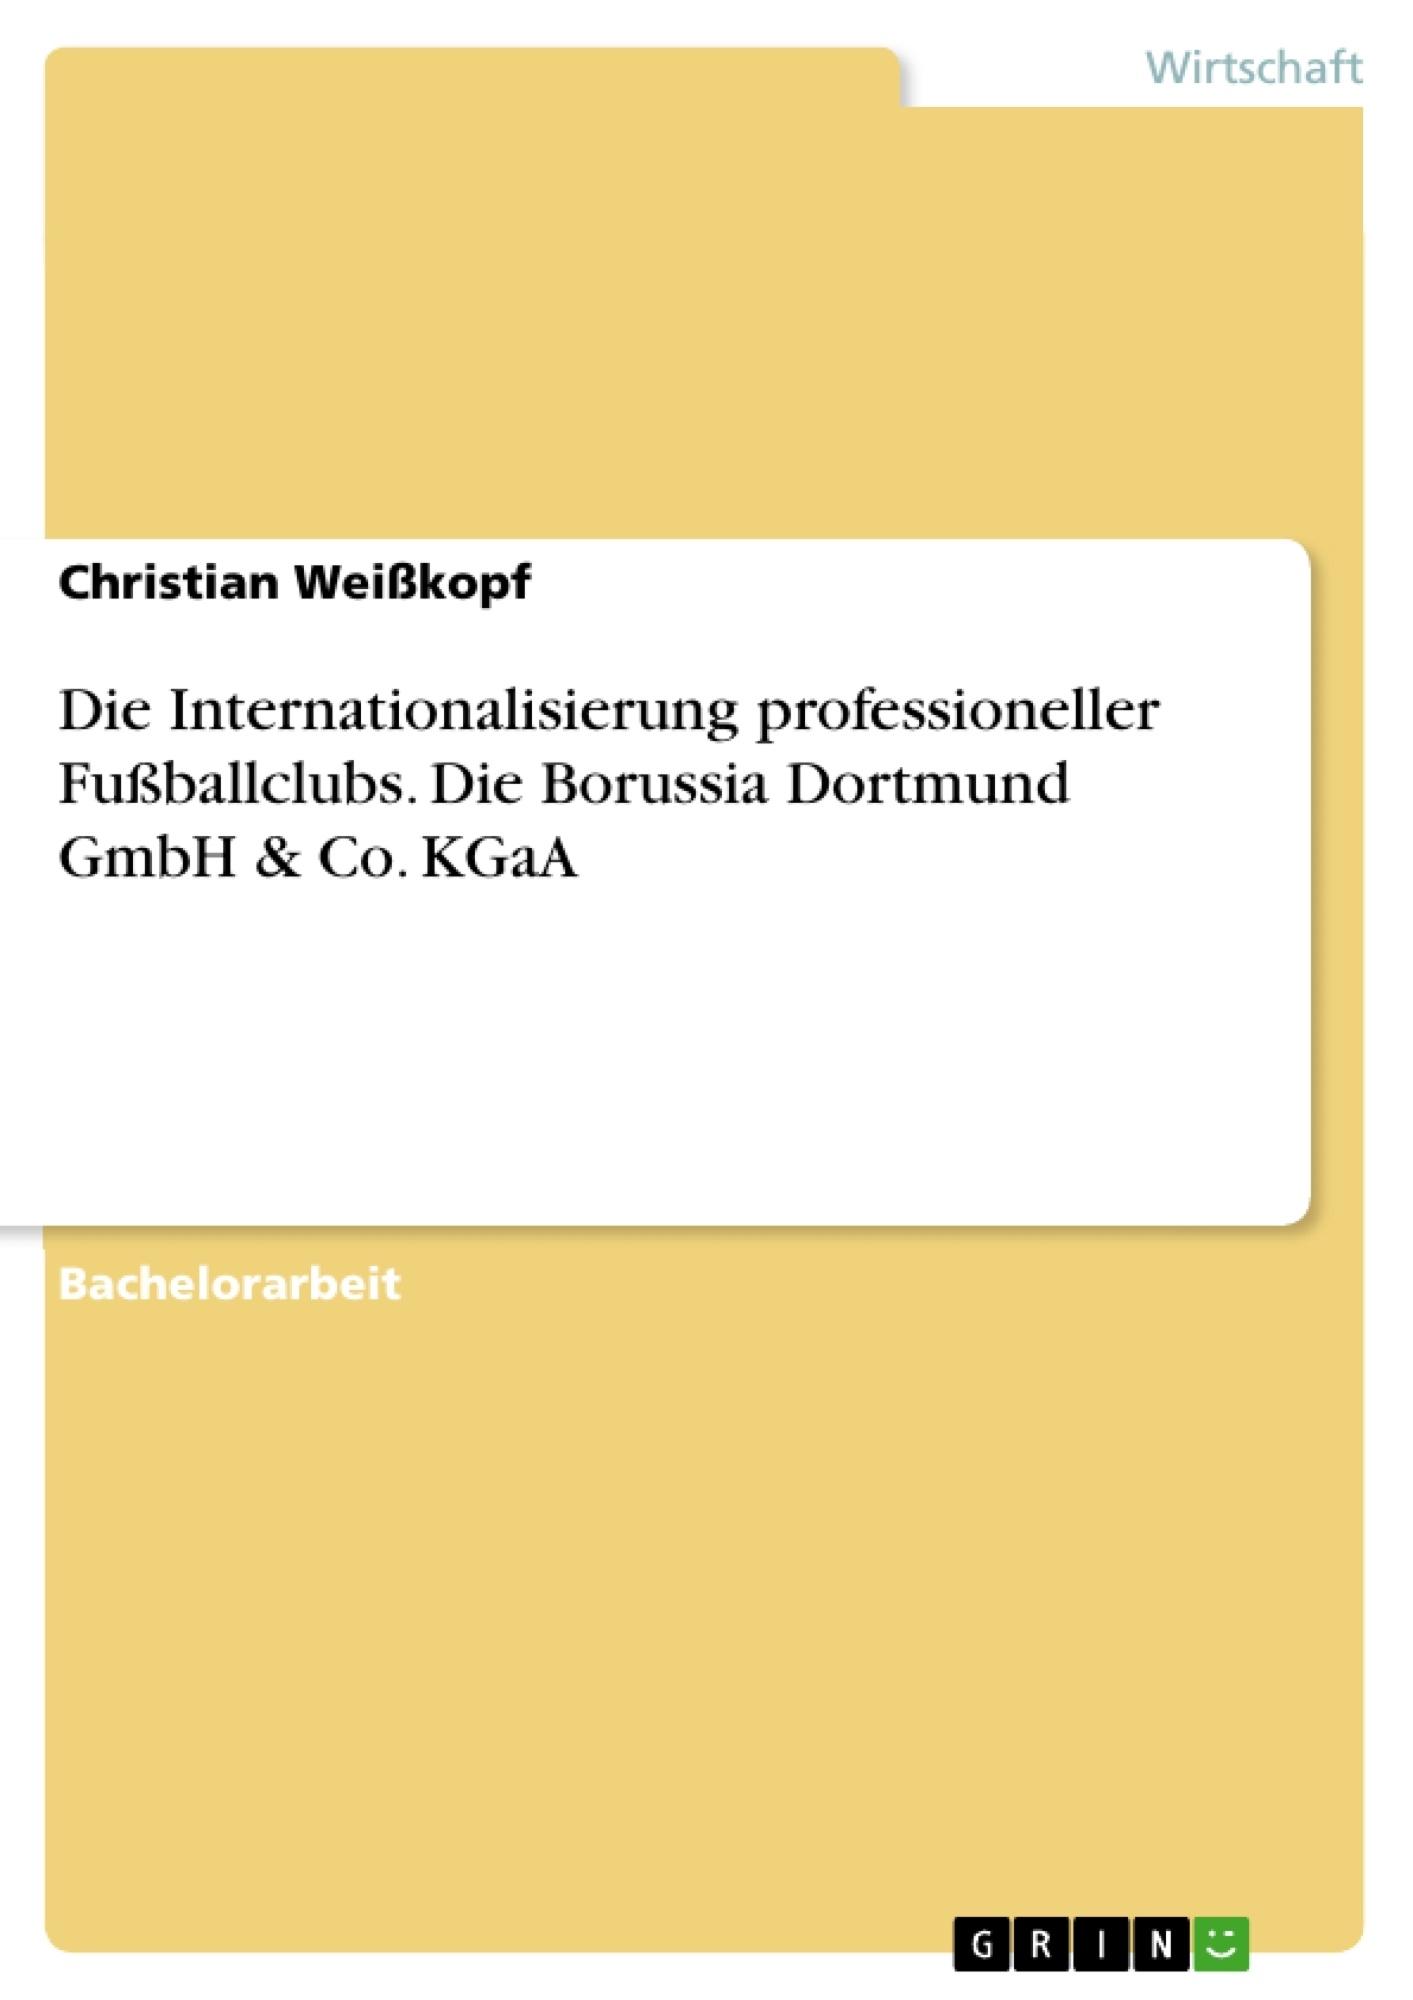 Titel: Die Internationalisierung professioneller Fußballclubs. Die Borussia Dortmund GmbH & Co. KGaA